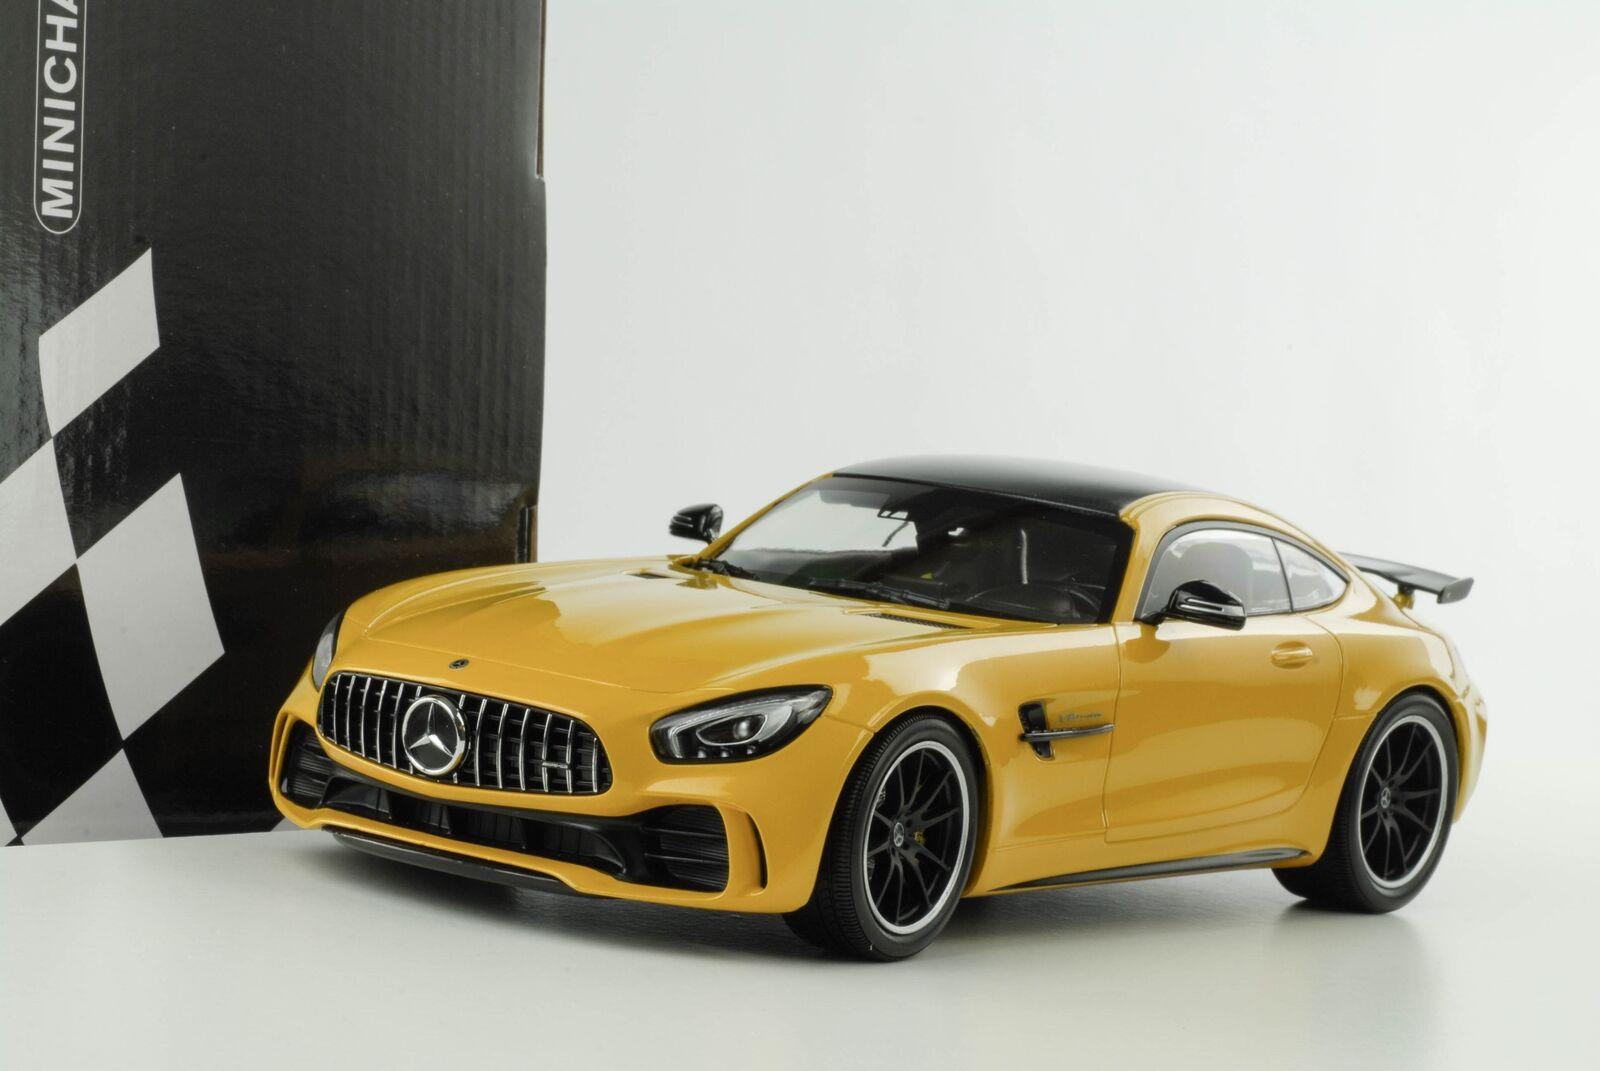 outlet online economico 1 18 Mercedes-Benz AMG GT-R v8 BI TURBO 2017 2017 2017 GItuttiO METtuttiIZZATO DIECAST MINICHAMPS  economico e alla moda